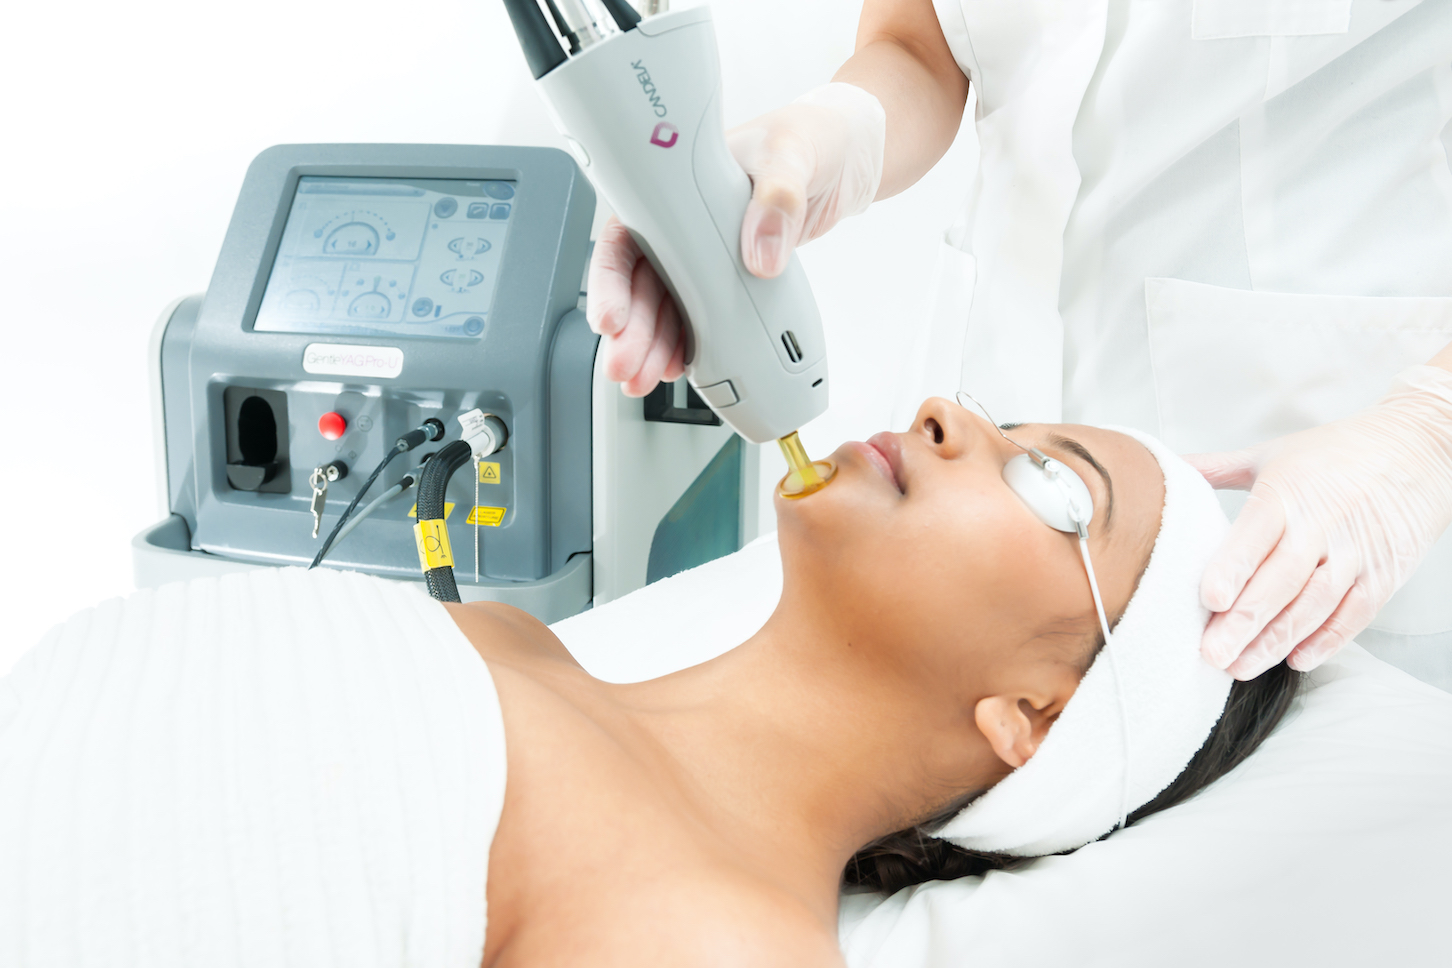 celeste dermacare - laser hair removal